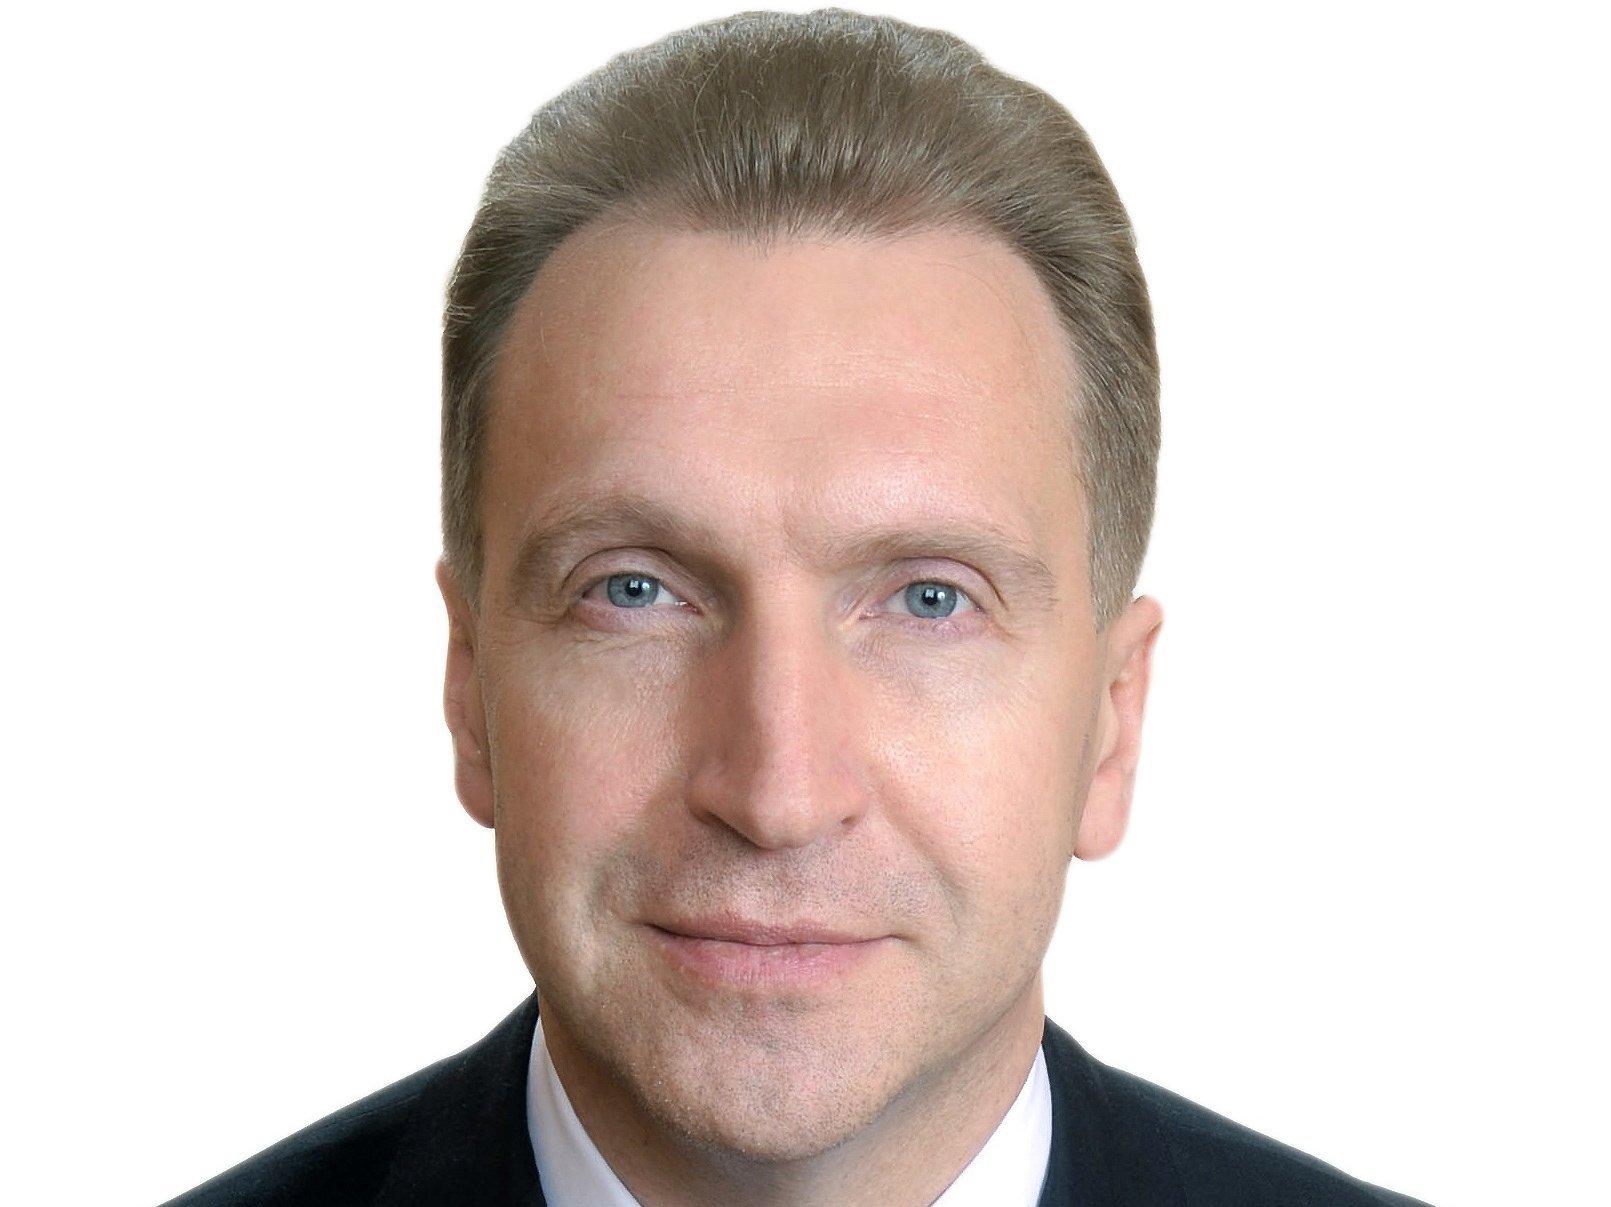 Рад любой работе, которую даст президент— 1-ый вице-премьер Шувалов